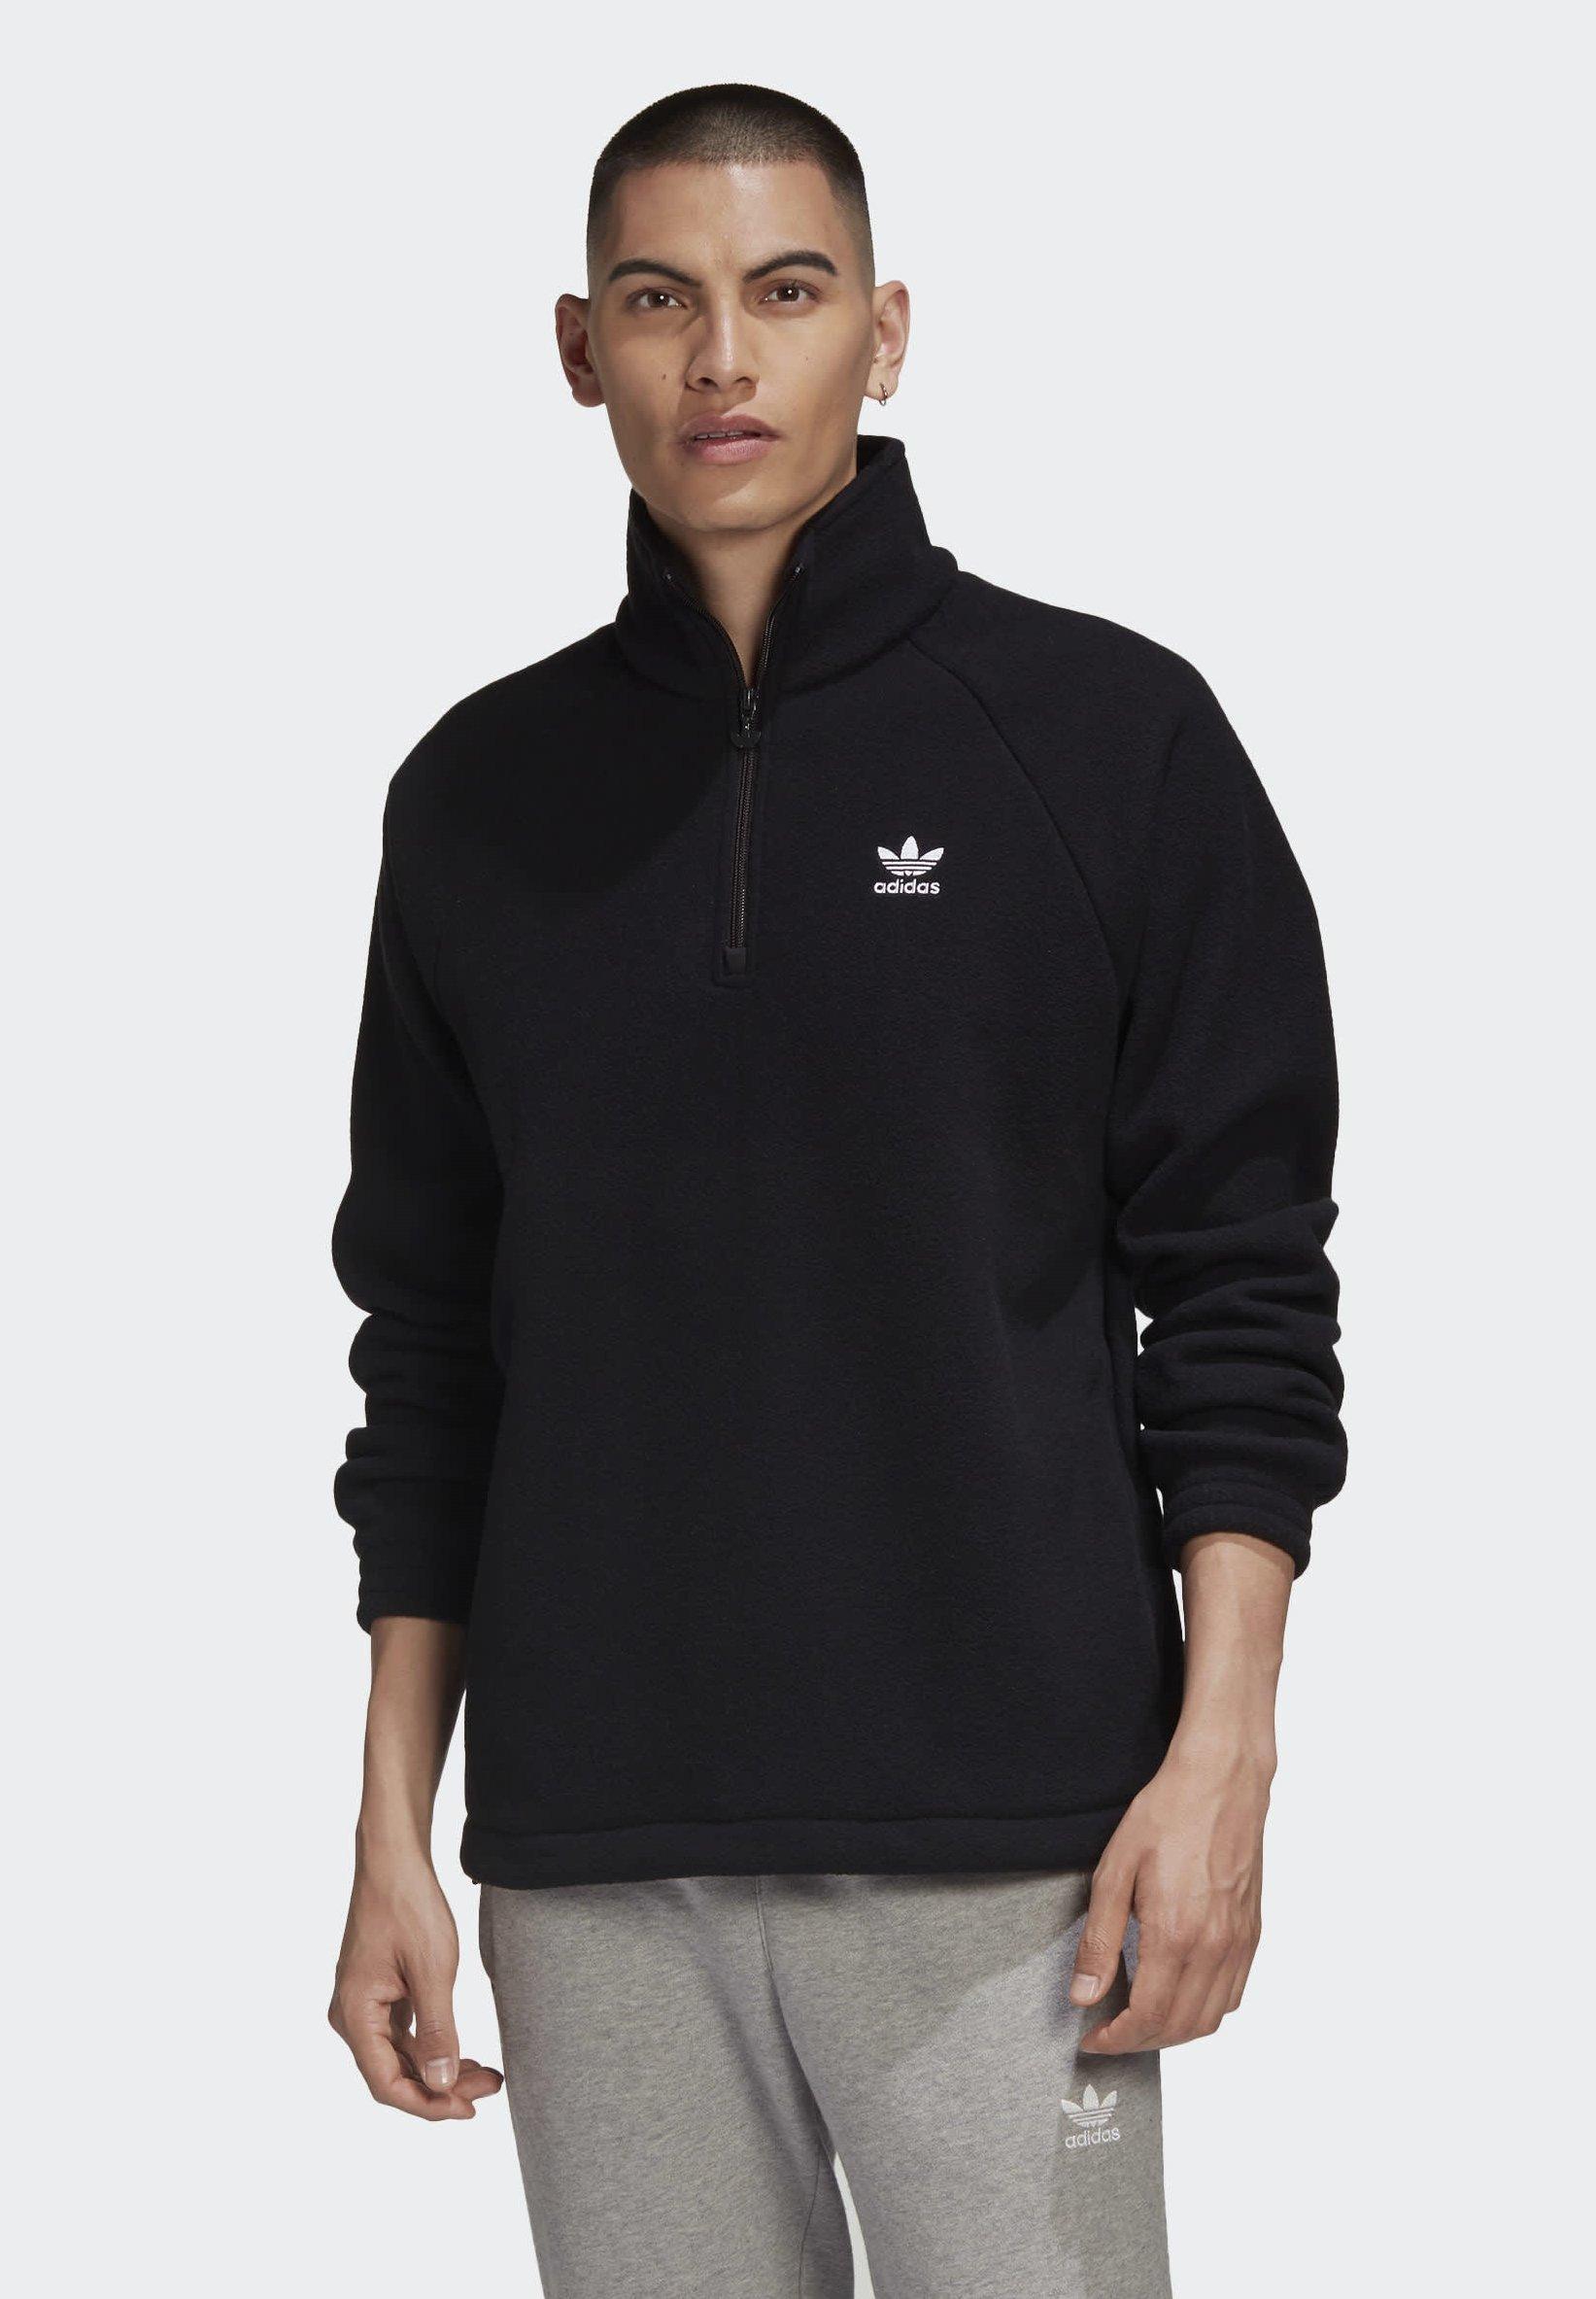 adidas originals beckenbauer sweatshirt schwarz